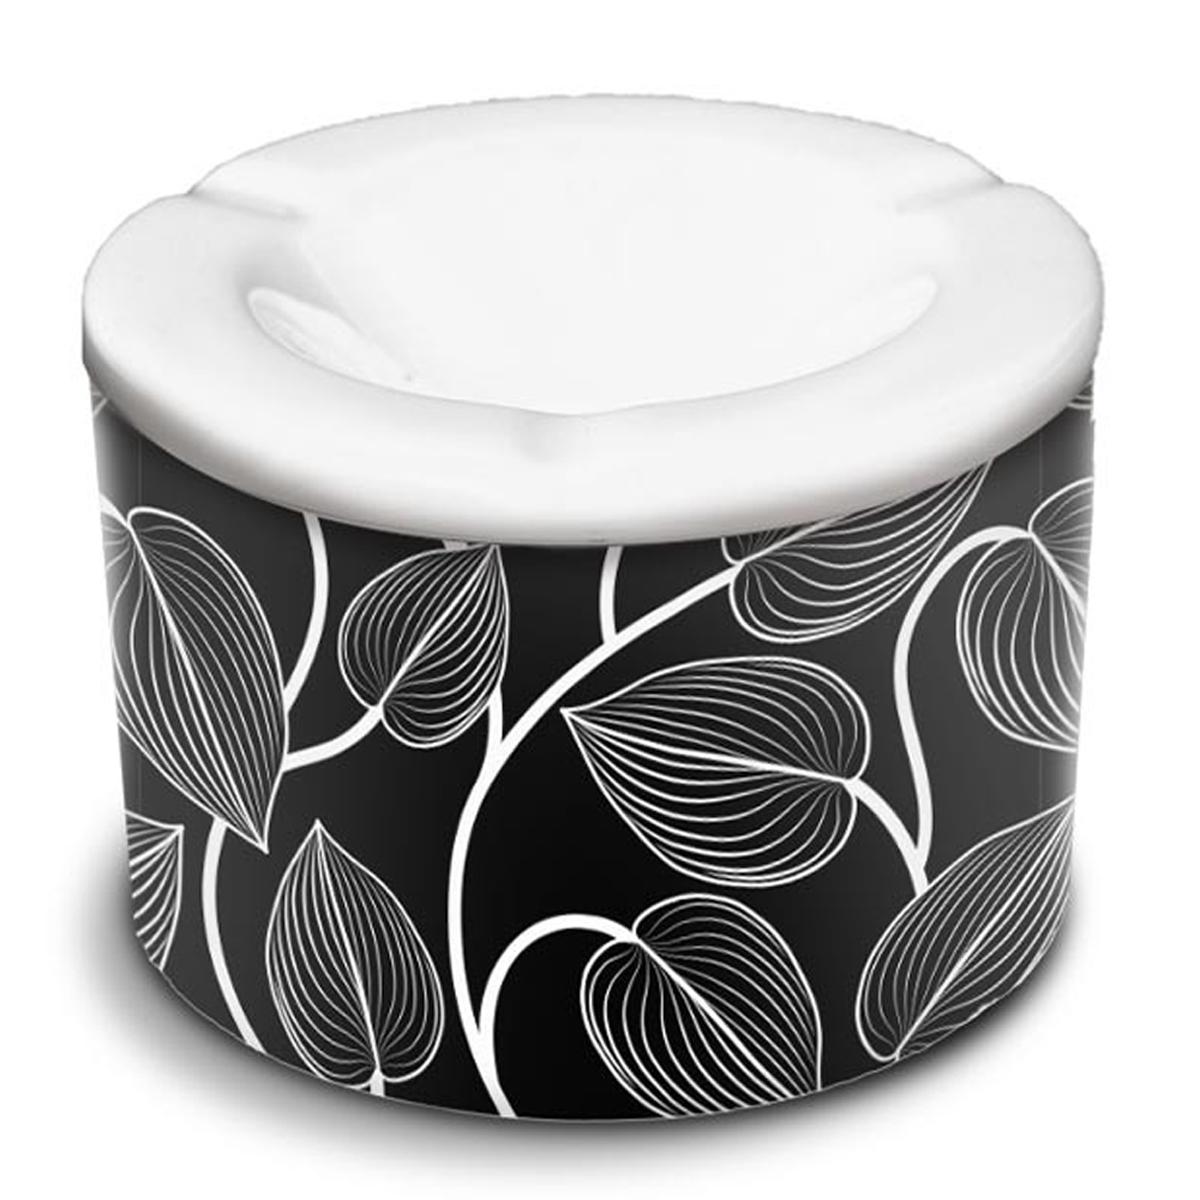 Cendrier marocain céramique \'Tropical\' noir blanc  (feuilles) - 10x7 cm - [A3155]